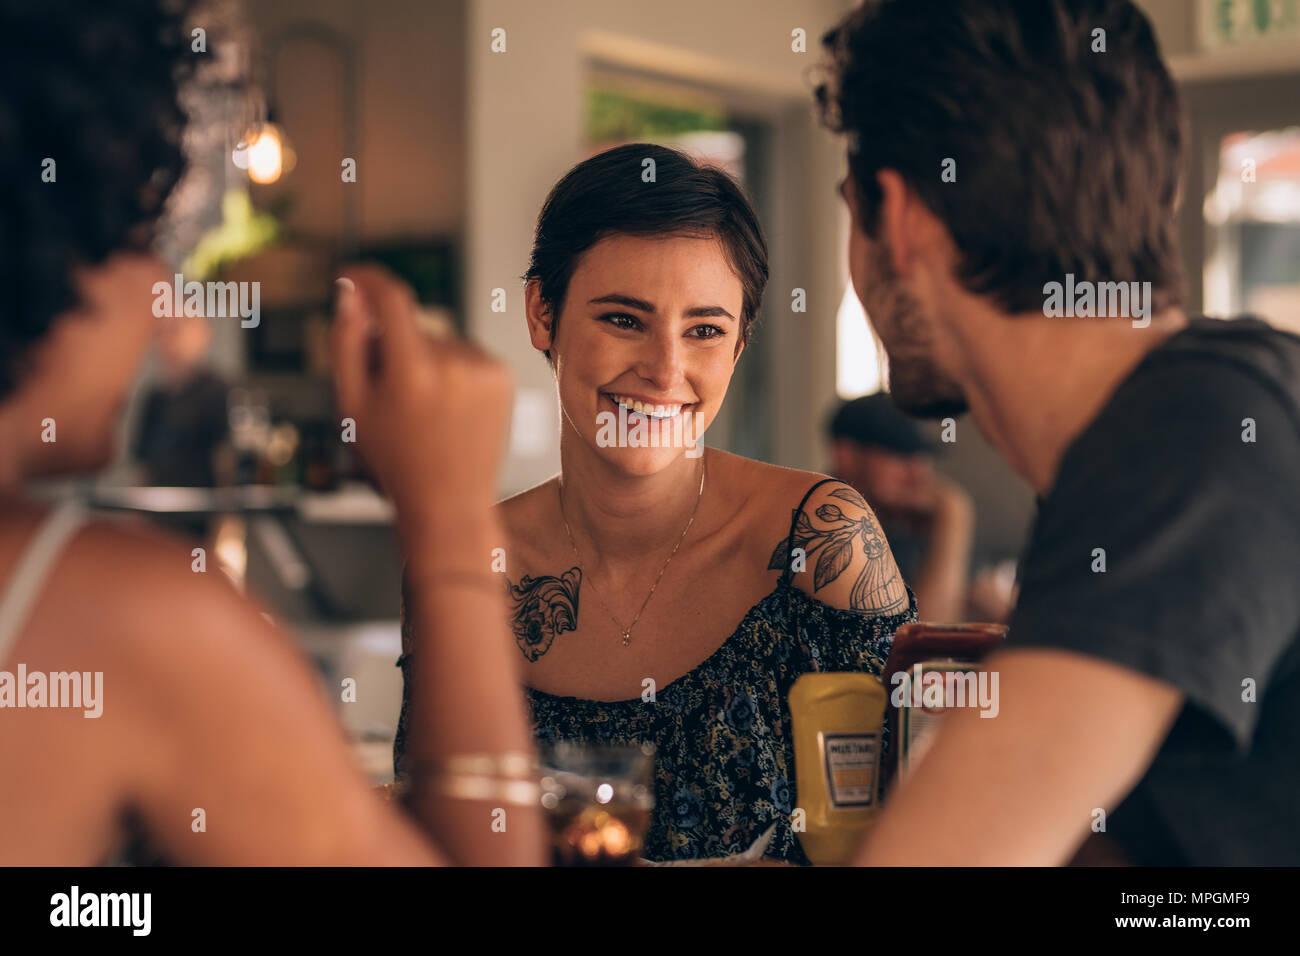 Belle jeune femme sourire et parler avec ses amis dans un café. Groupe de jeunes réunis au restaurant. Photo Stock